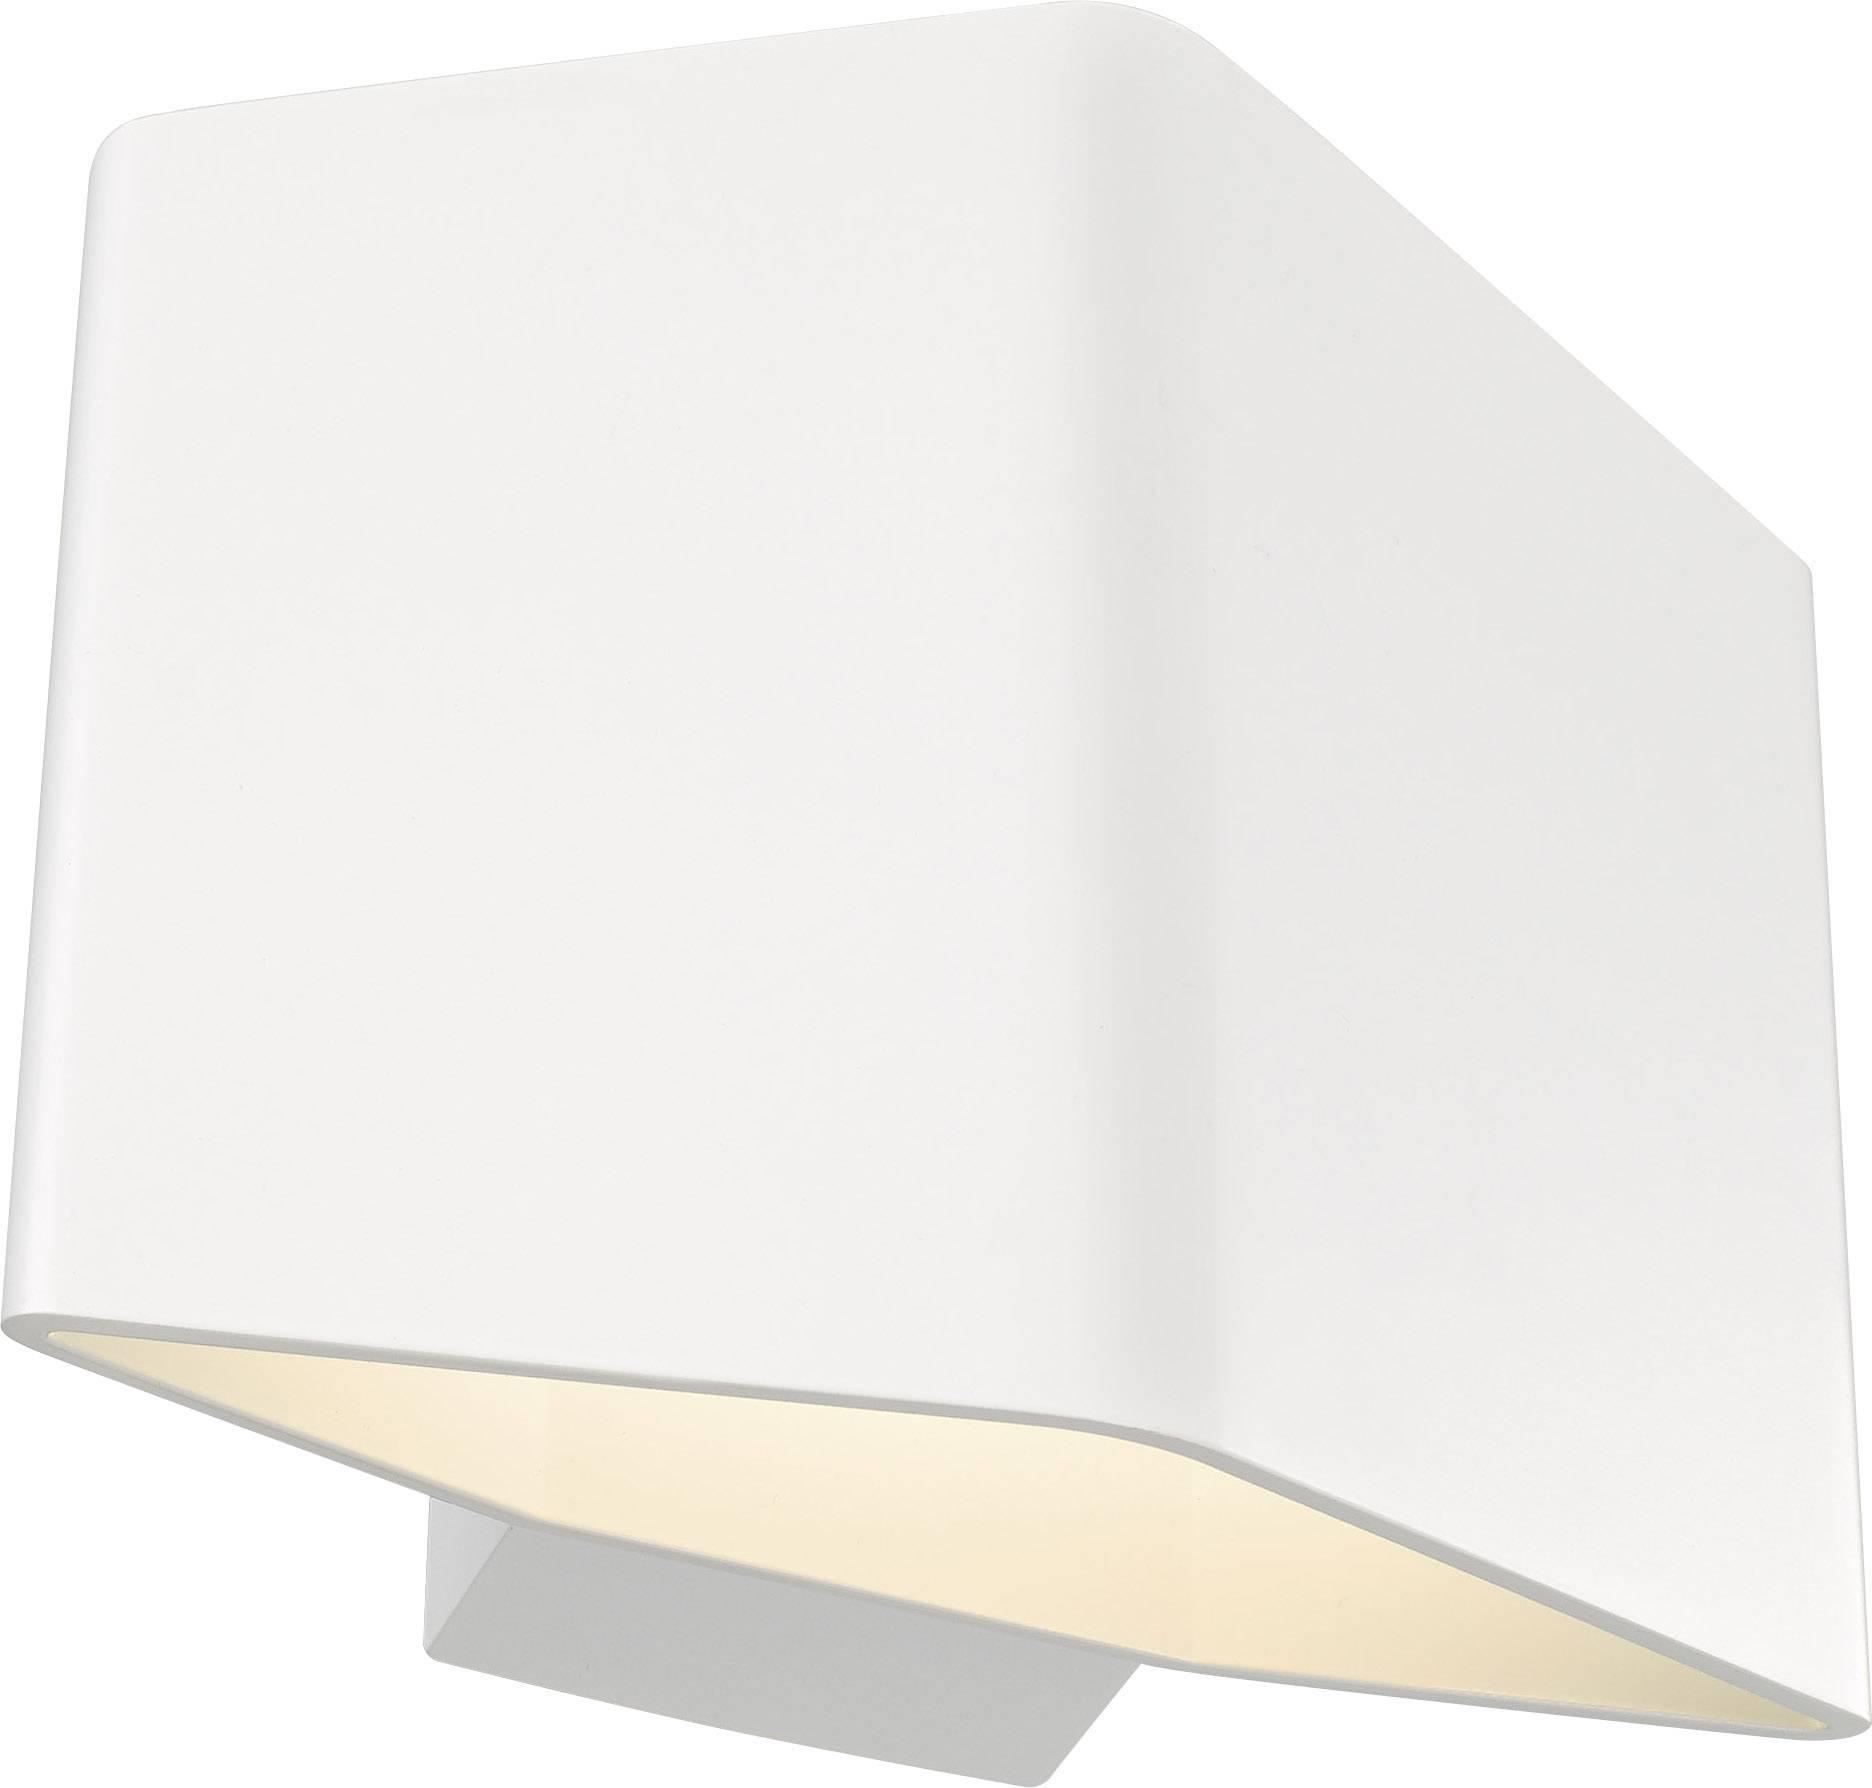 LED nástěnné světlo SLV Cariso 1 151701, 7.6 W, teplá bílá, bílá